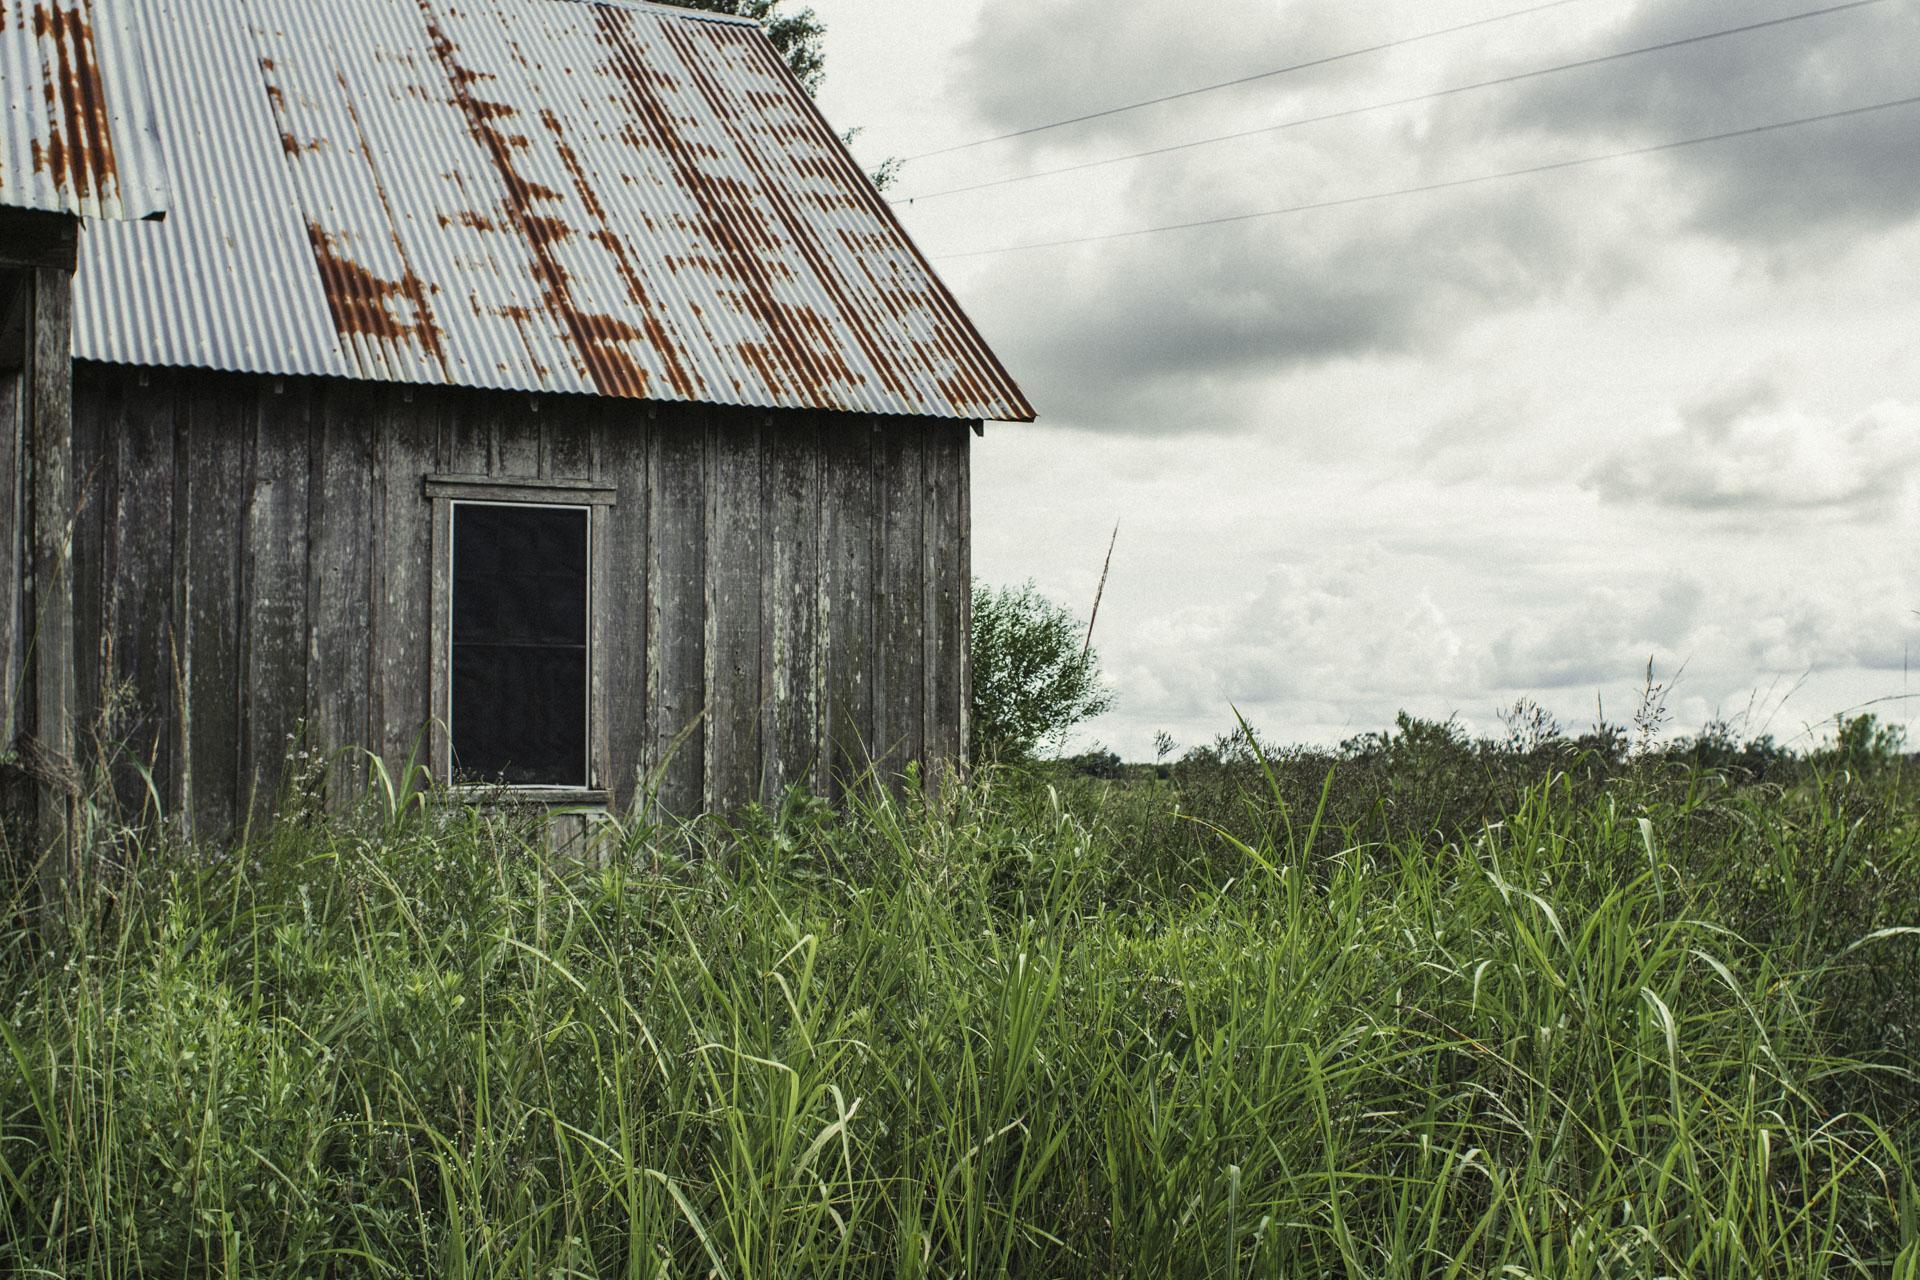 Louisiana_FinalDSC02674.JPG